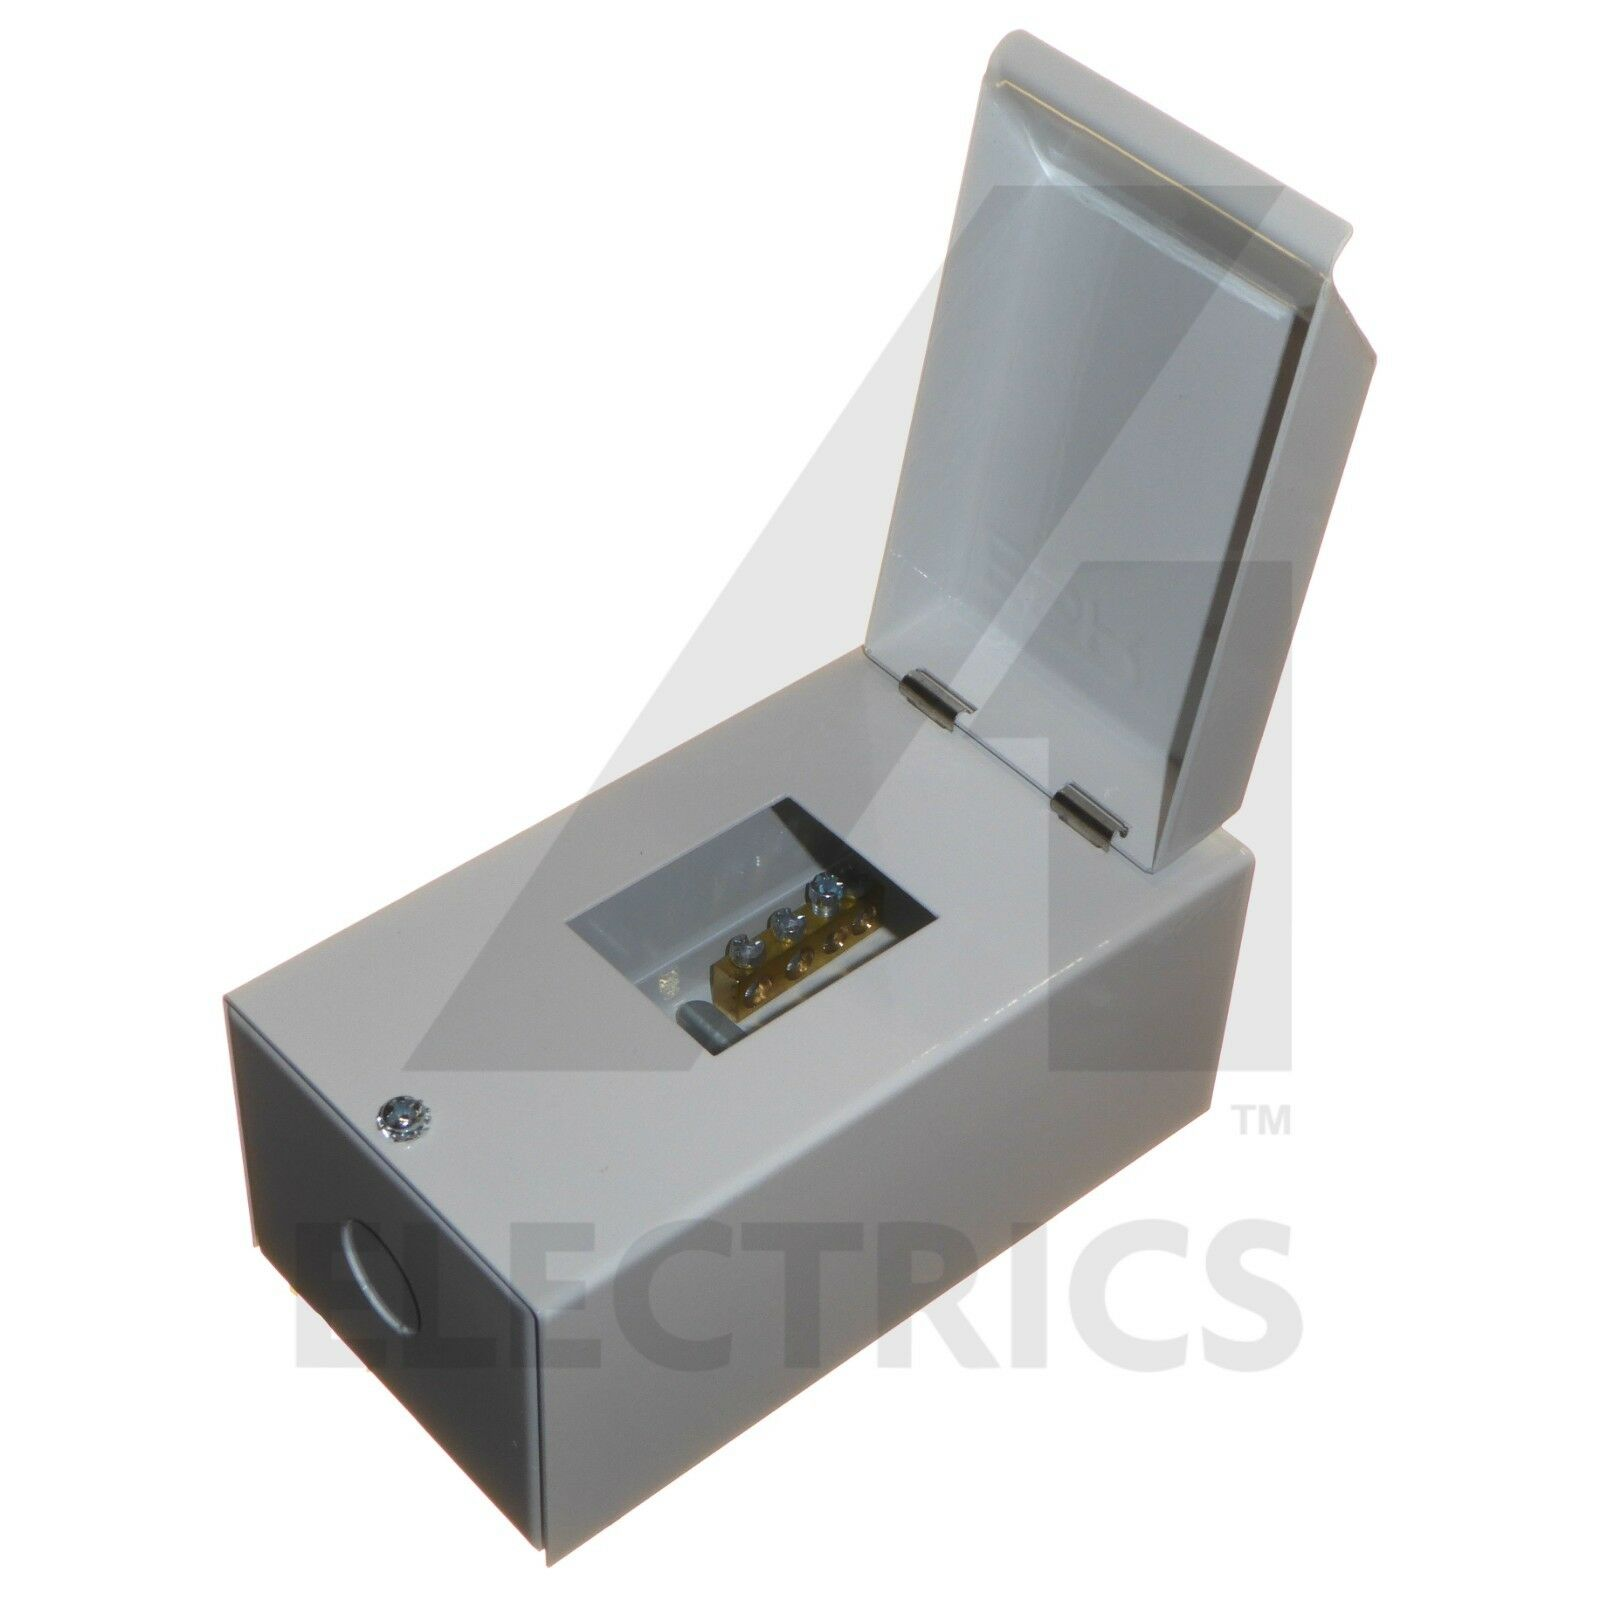 ESR ME2 ME4 2 4 IP40 MODULAR METAL CLAD ENCLOSURE UNIT DIN RAIL EARTH BAR